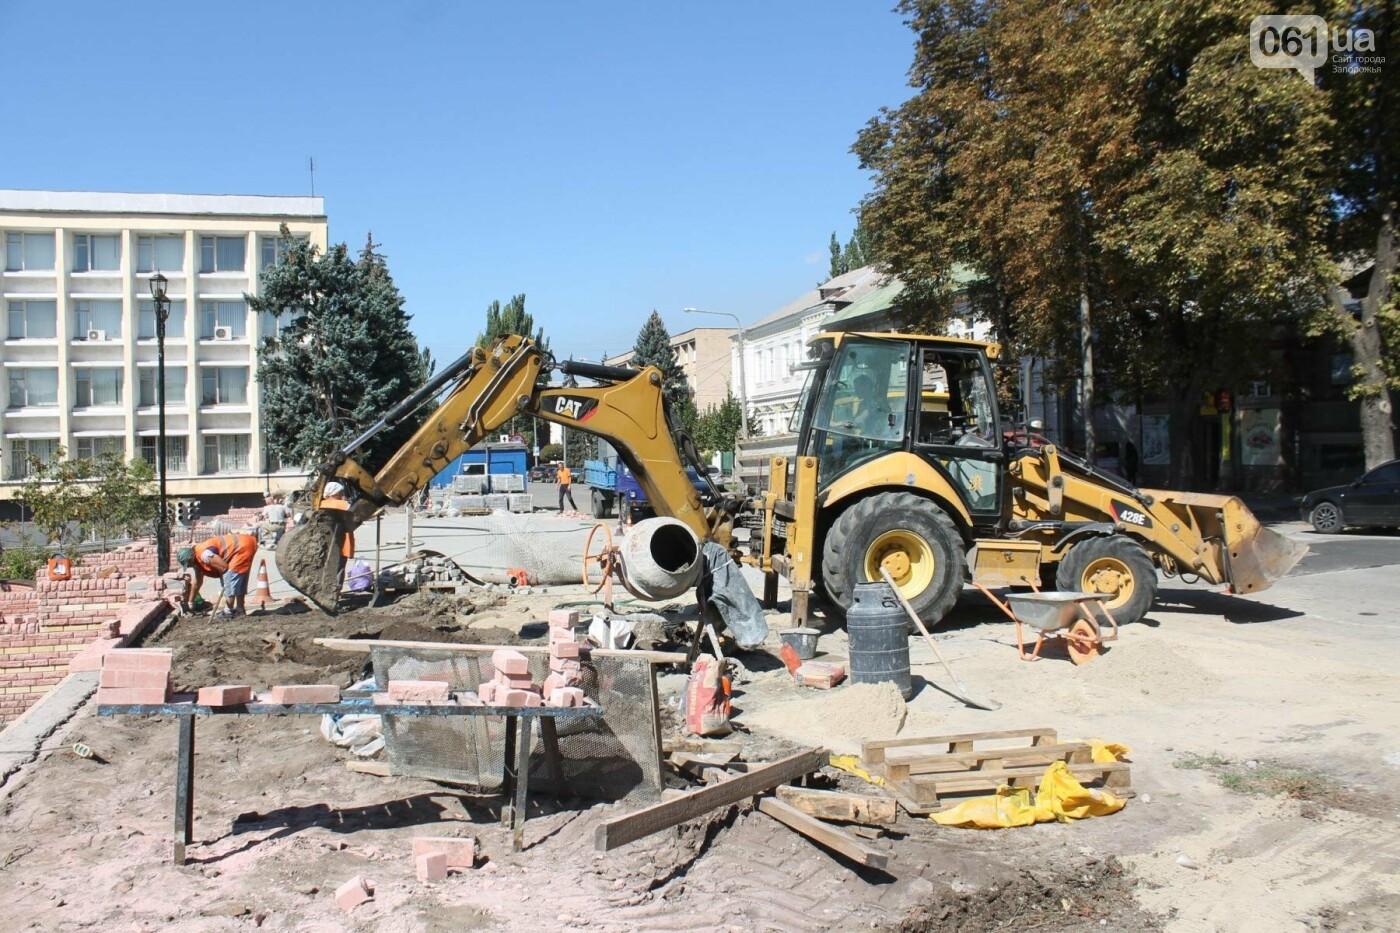 Как выглядит обновленный сквер Театральный за сутки до торжественного открытия, – ФОТОРЕПОРТАЖ, фото-3